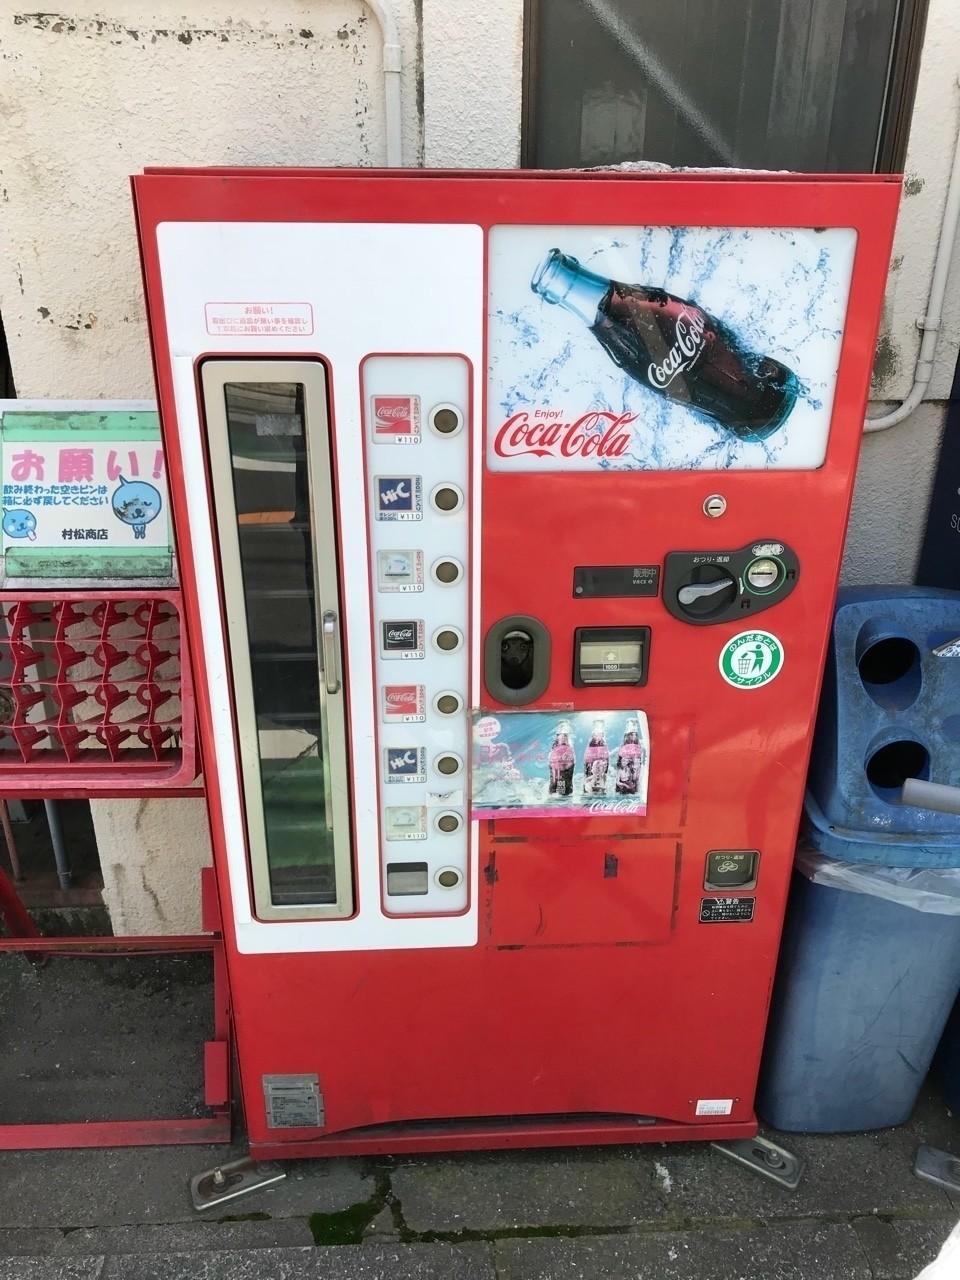 【画像】20年前のコカ・コーラ自販機のラインナップがこれ。  [324064431]YouTube動画>3本 ニコニコ動画>1本 ->画像>58枚